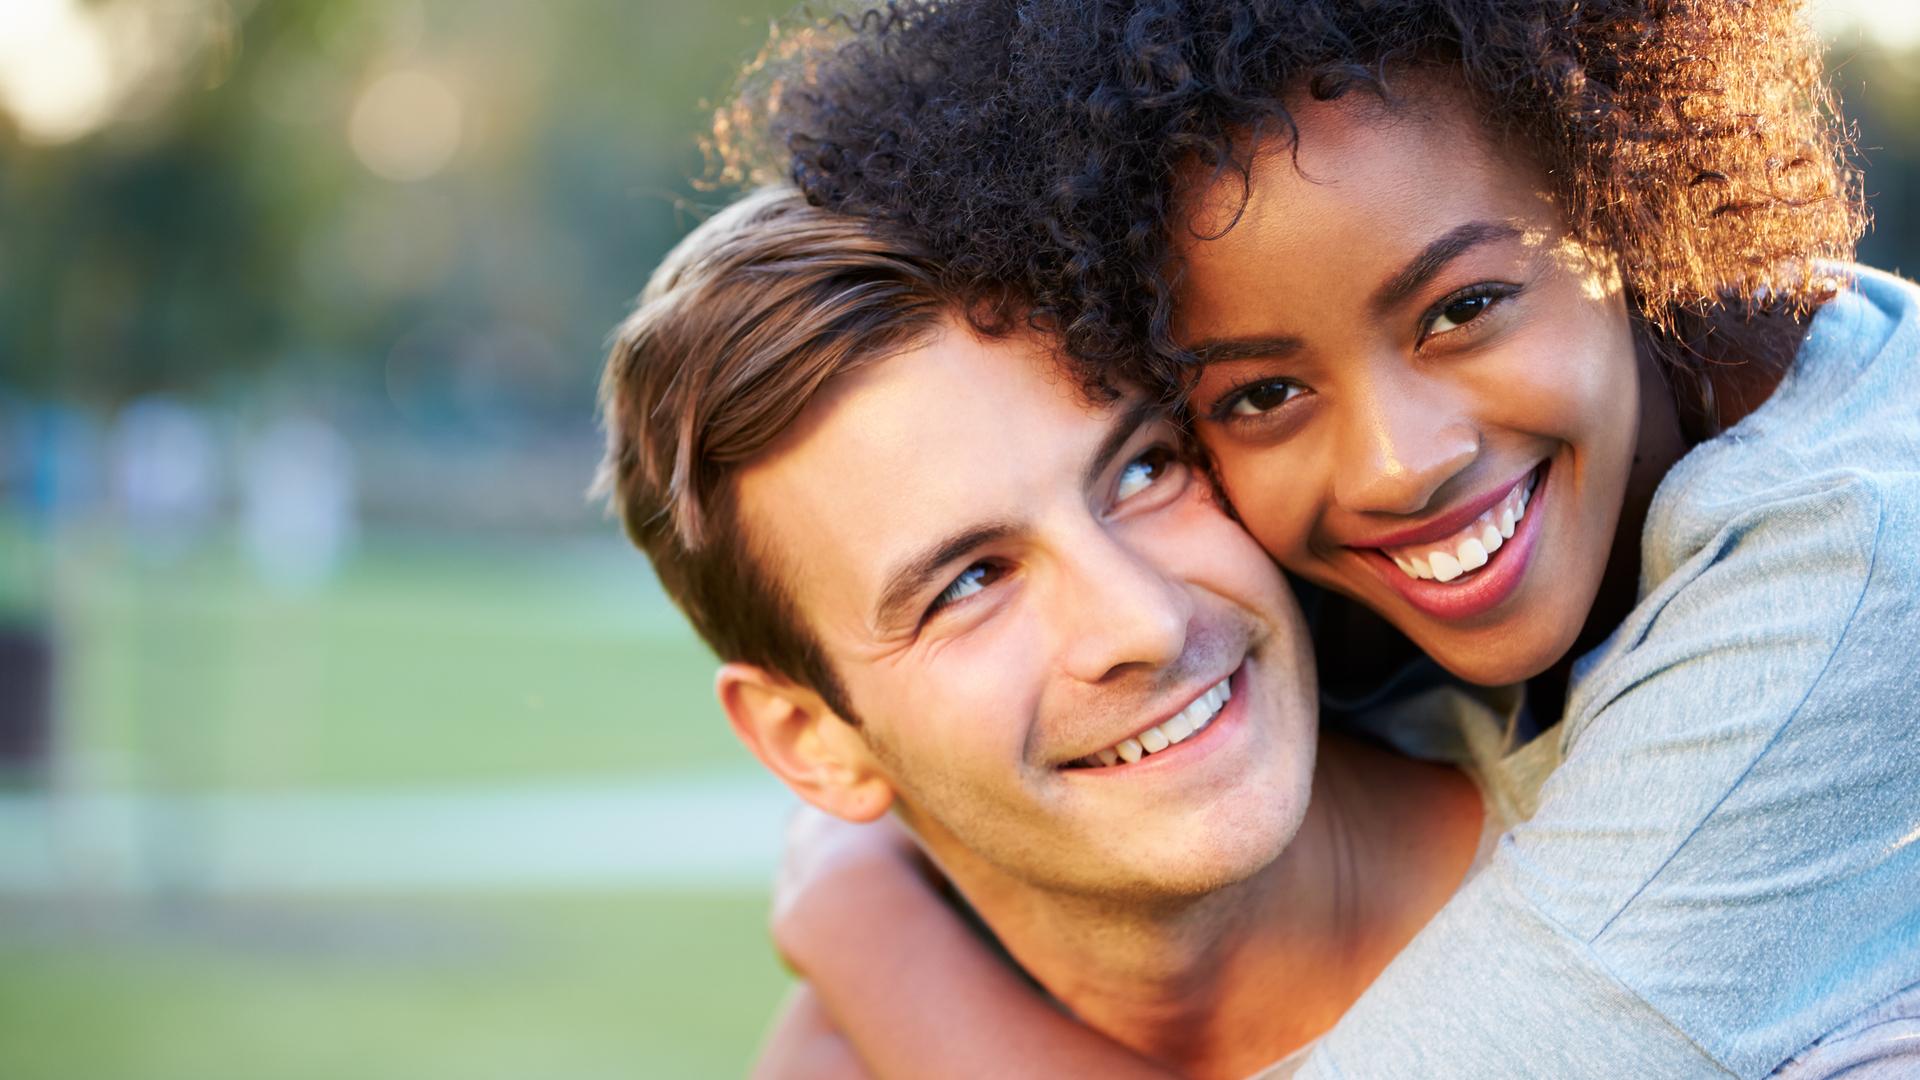 Nos différences : source de conflits ou atout pour notre couple ?